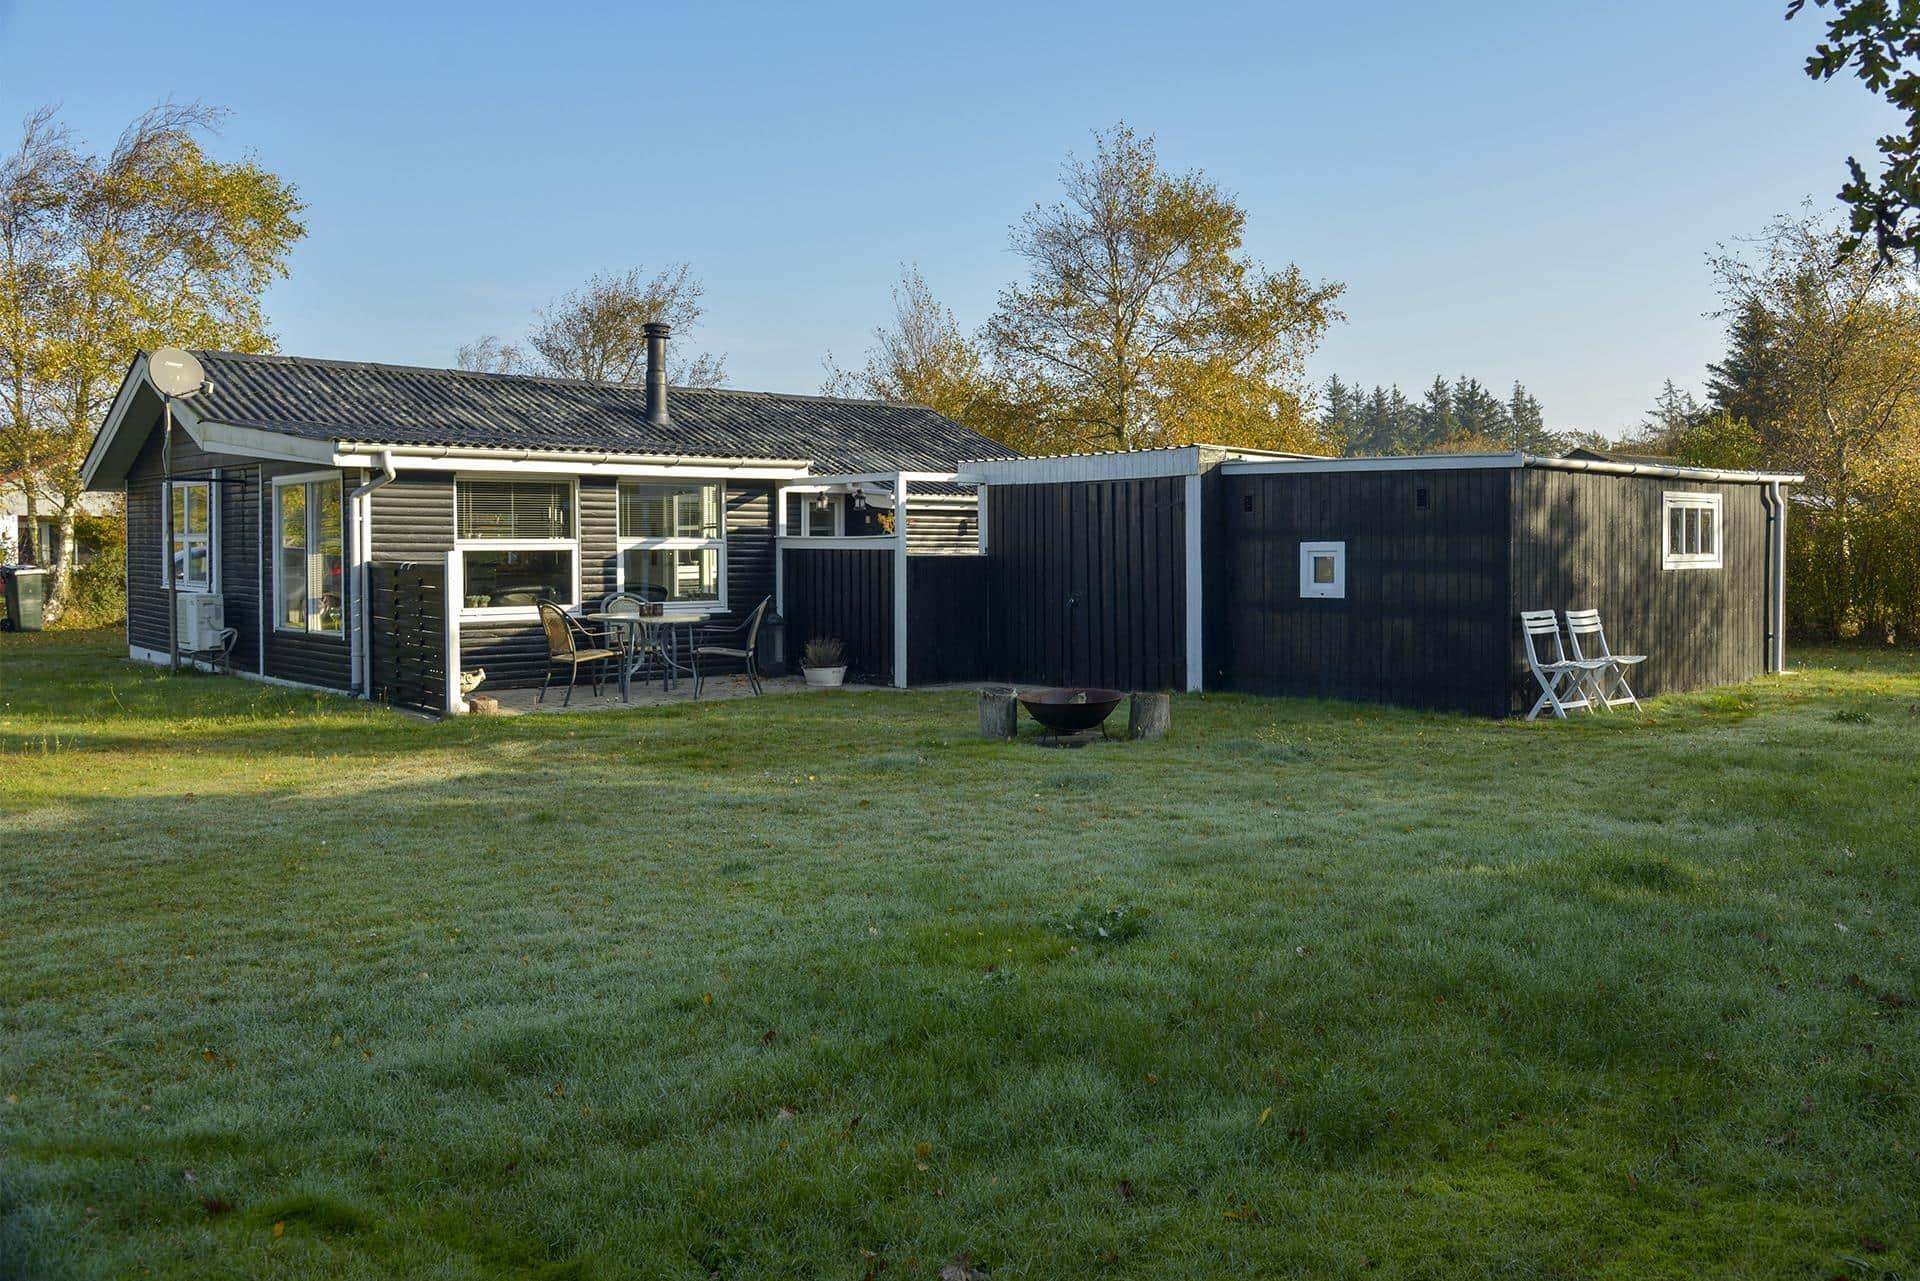 Bild 1-4 Ferienhaus 1106, Røllikevej 153, DK - 6990 Ulfborg